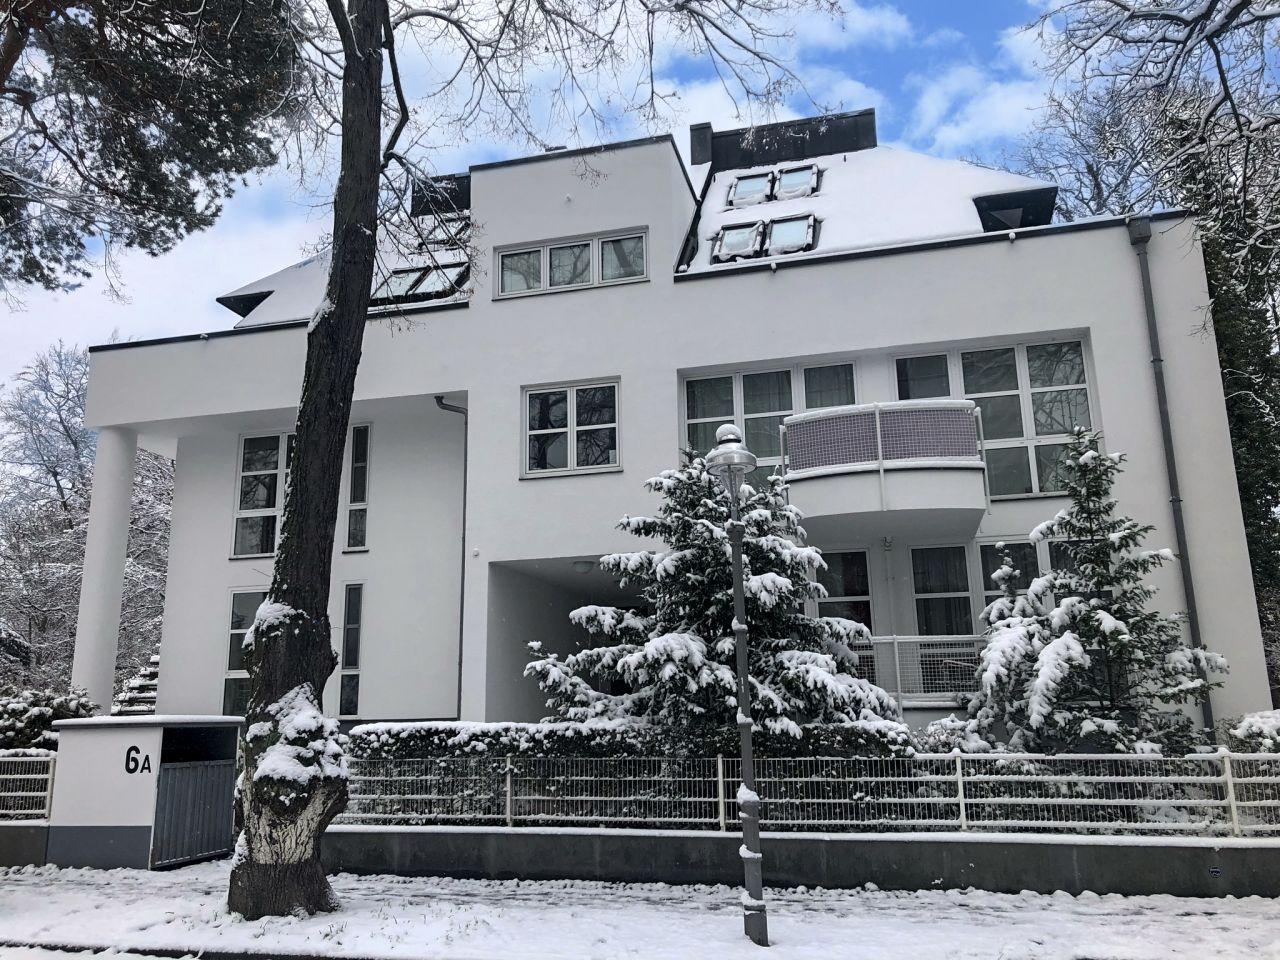 Frontansicht im Schnee.